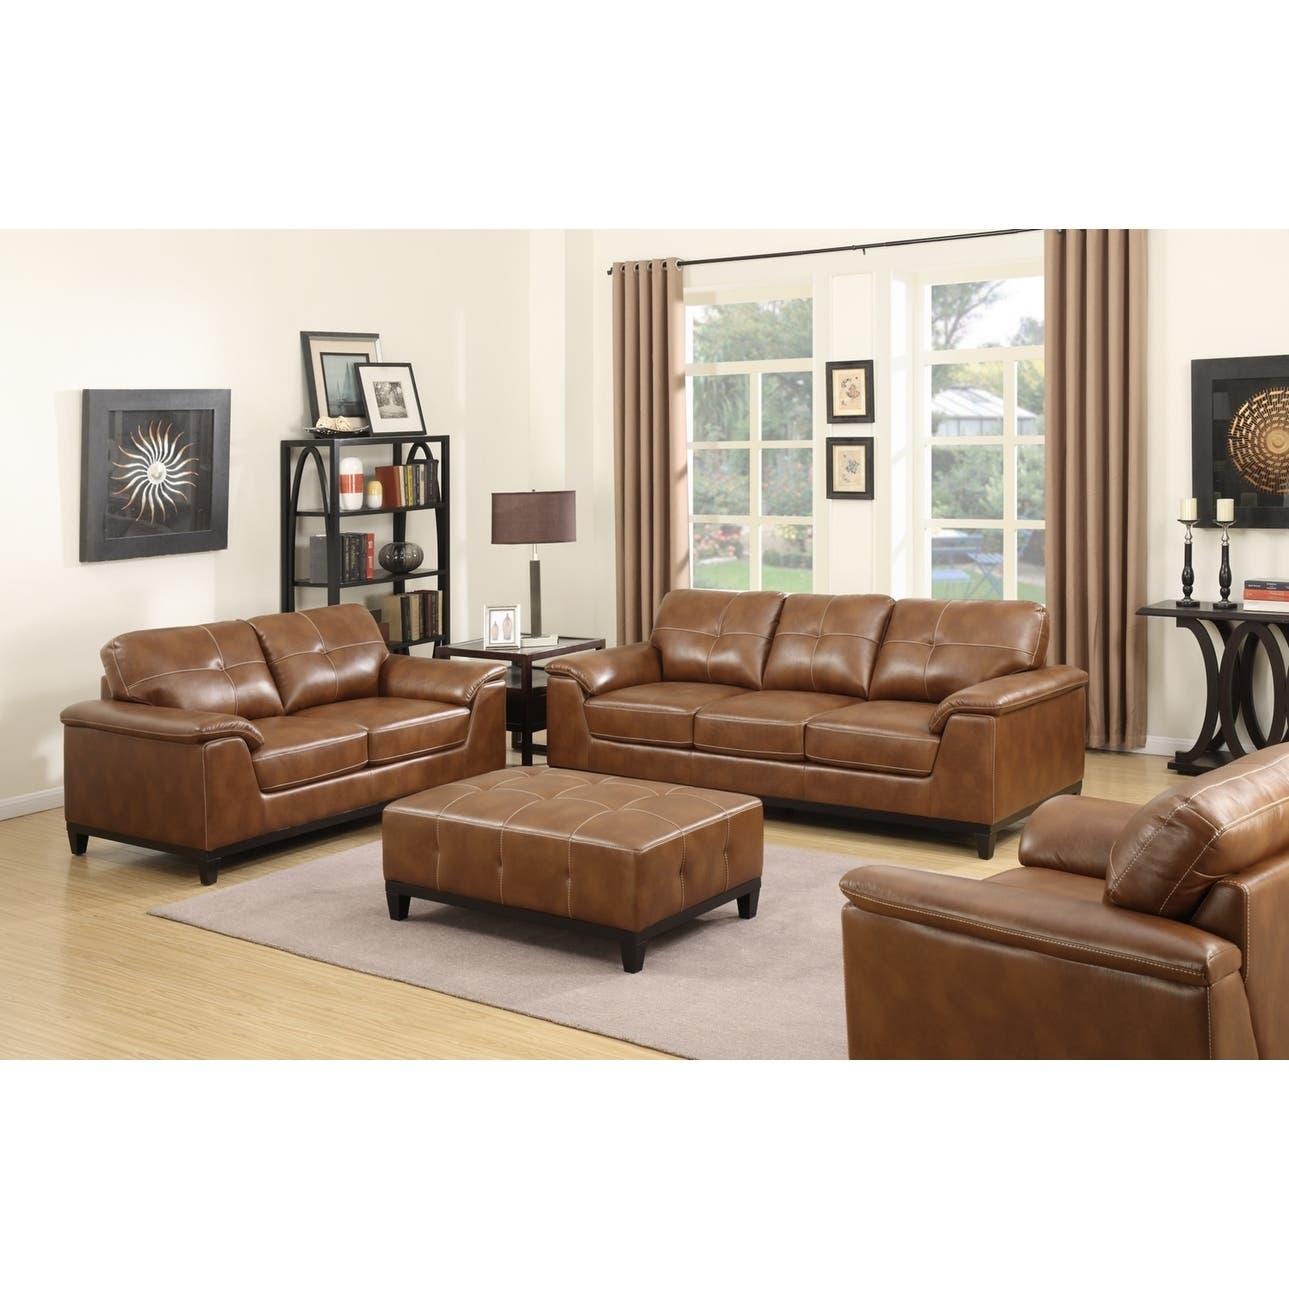 Buy Living Room Furniture Sets Online At Overstock.com